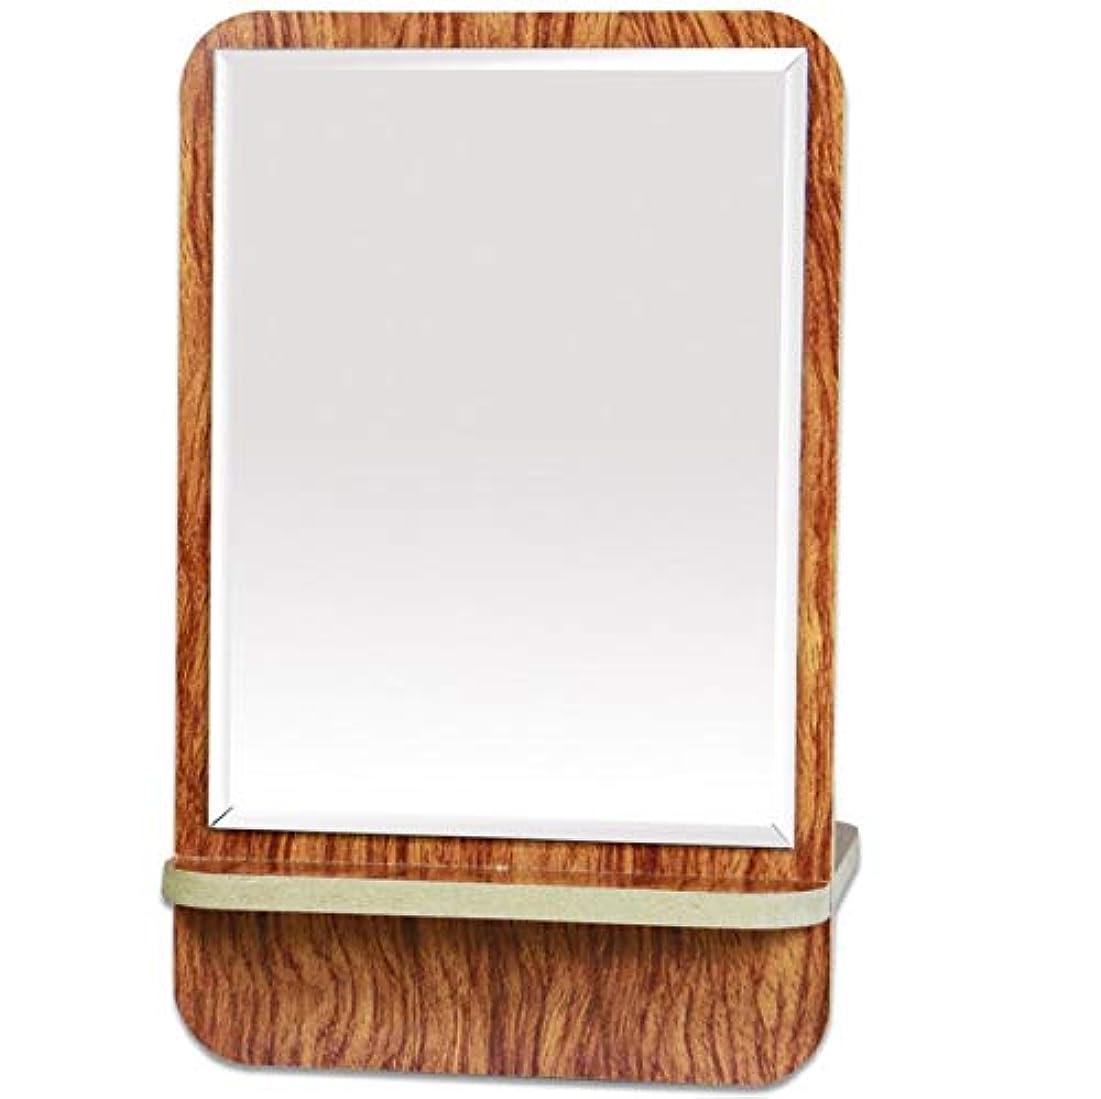 フォアマン焼くカナダ化粧鏡、木製の鏡、デスクトップ化粧鏡、化粧ギフト